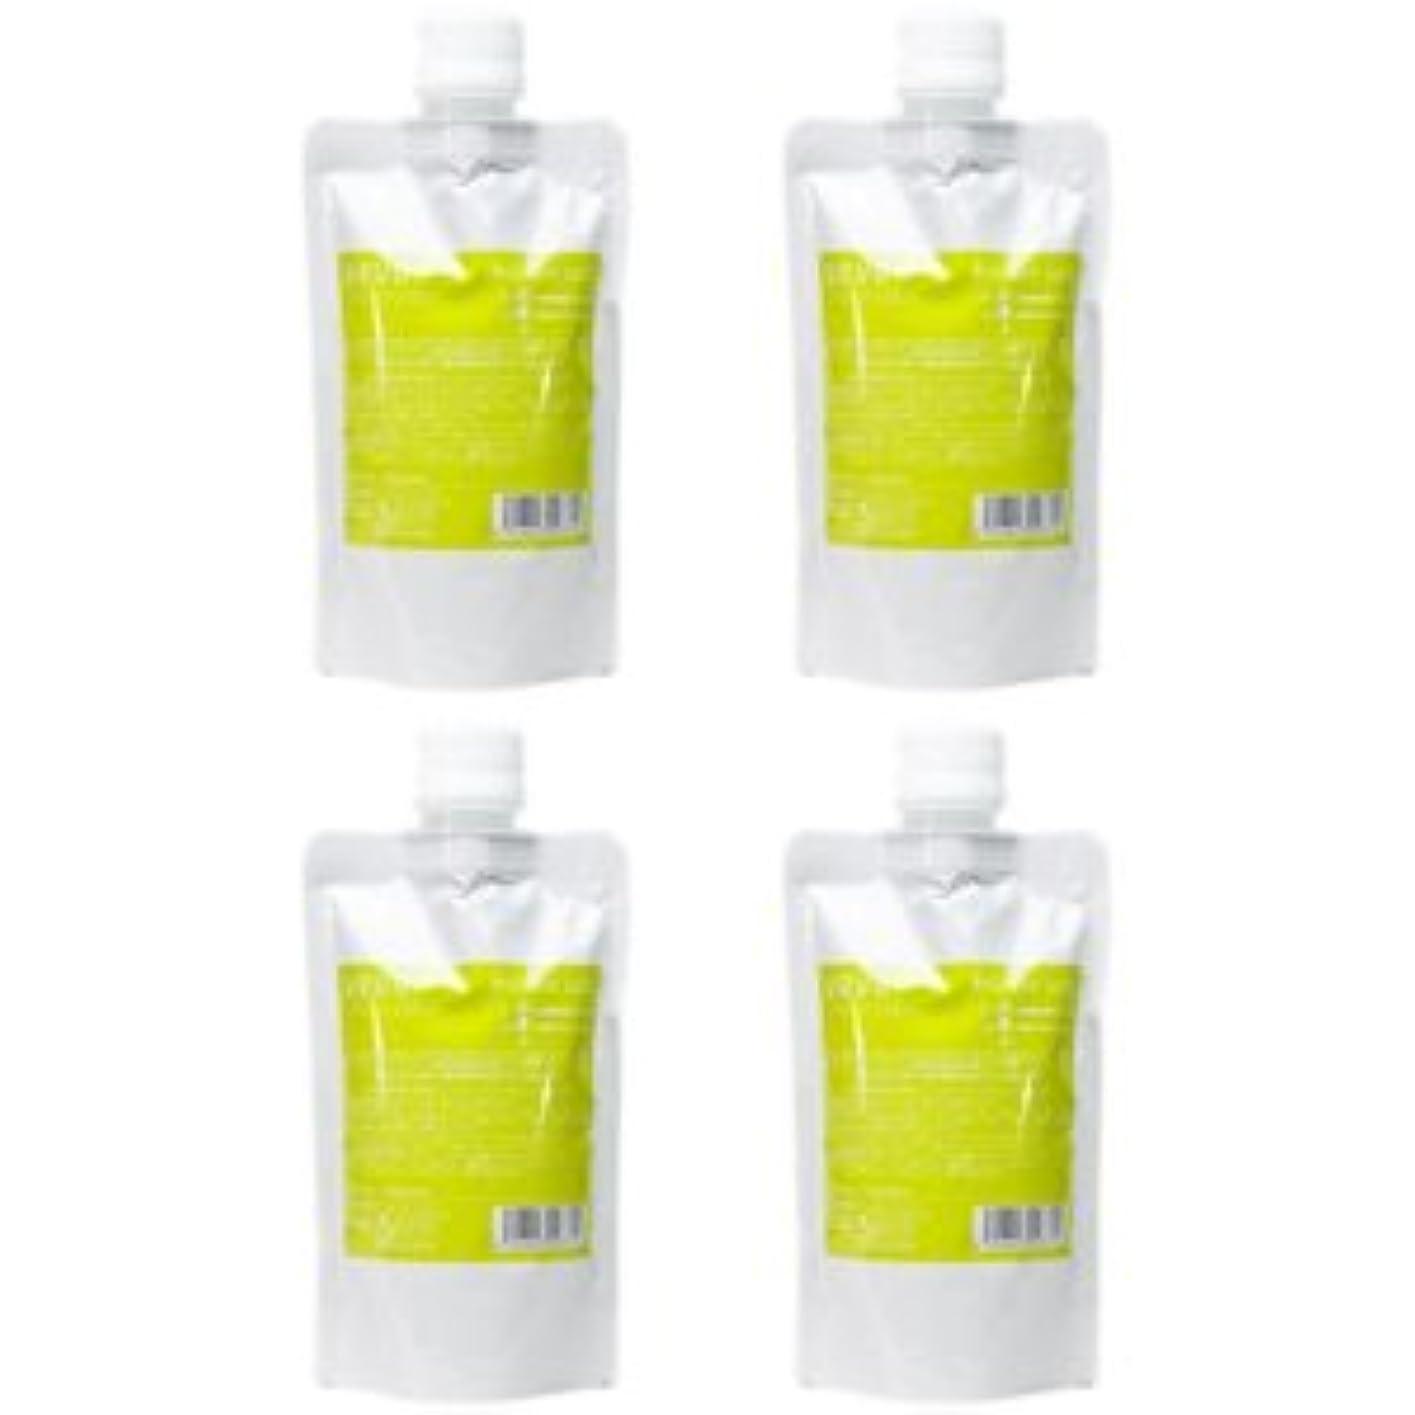 高くバルーン大【X4個セット】 デミ ウェーボ デザインキューブ エアルーズワックス 200g 業務用 airloose wax DEMI uevo design cube